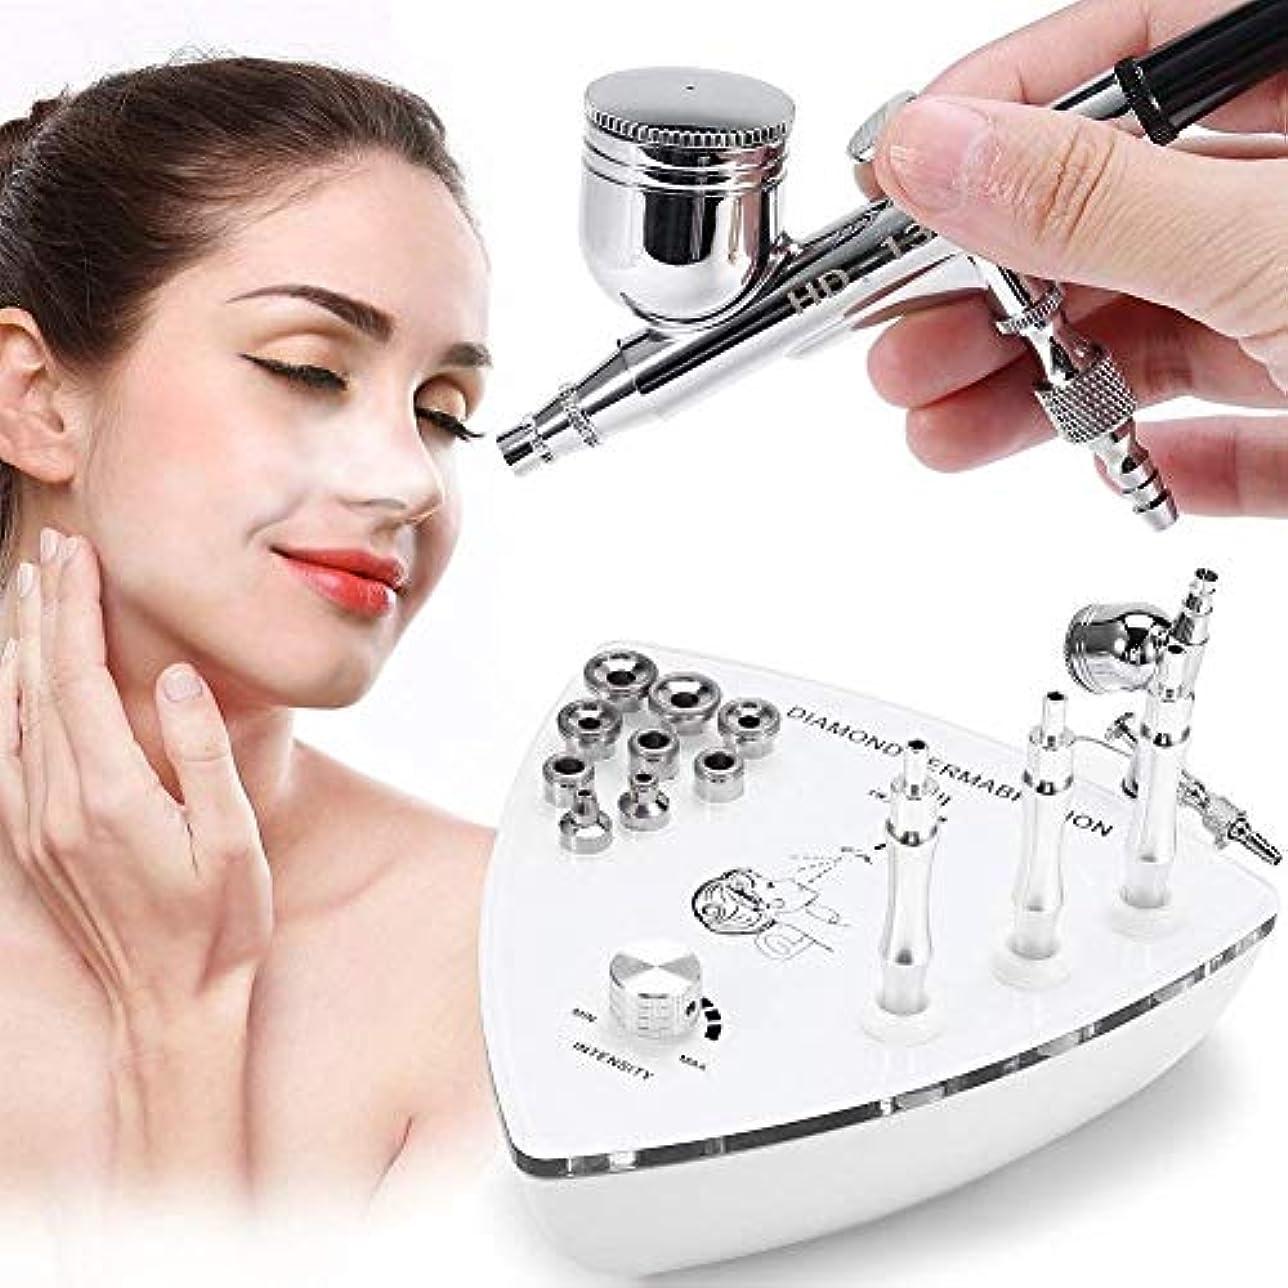 エージェントはっきりとその専門のダイヤモンドのMicrodermabrasion Dermabrasion機械、顔の心配の皮装置水スプレーのしわの取り外しの皮のきつく締まる剥離のための家の使用のための装置